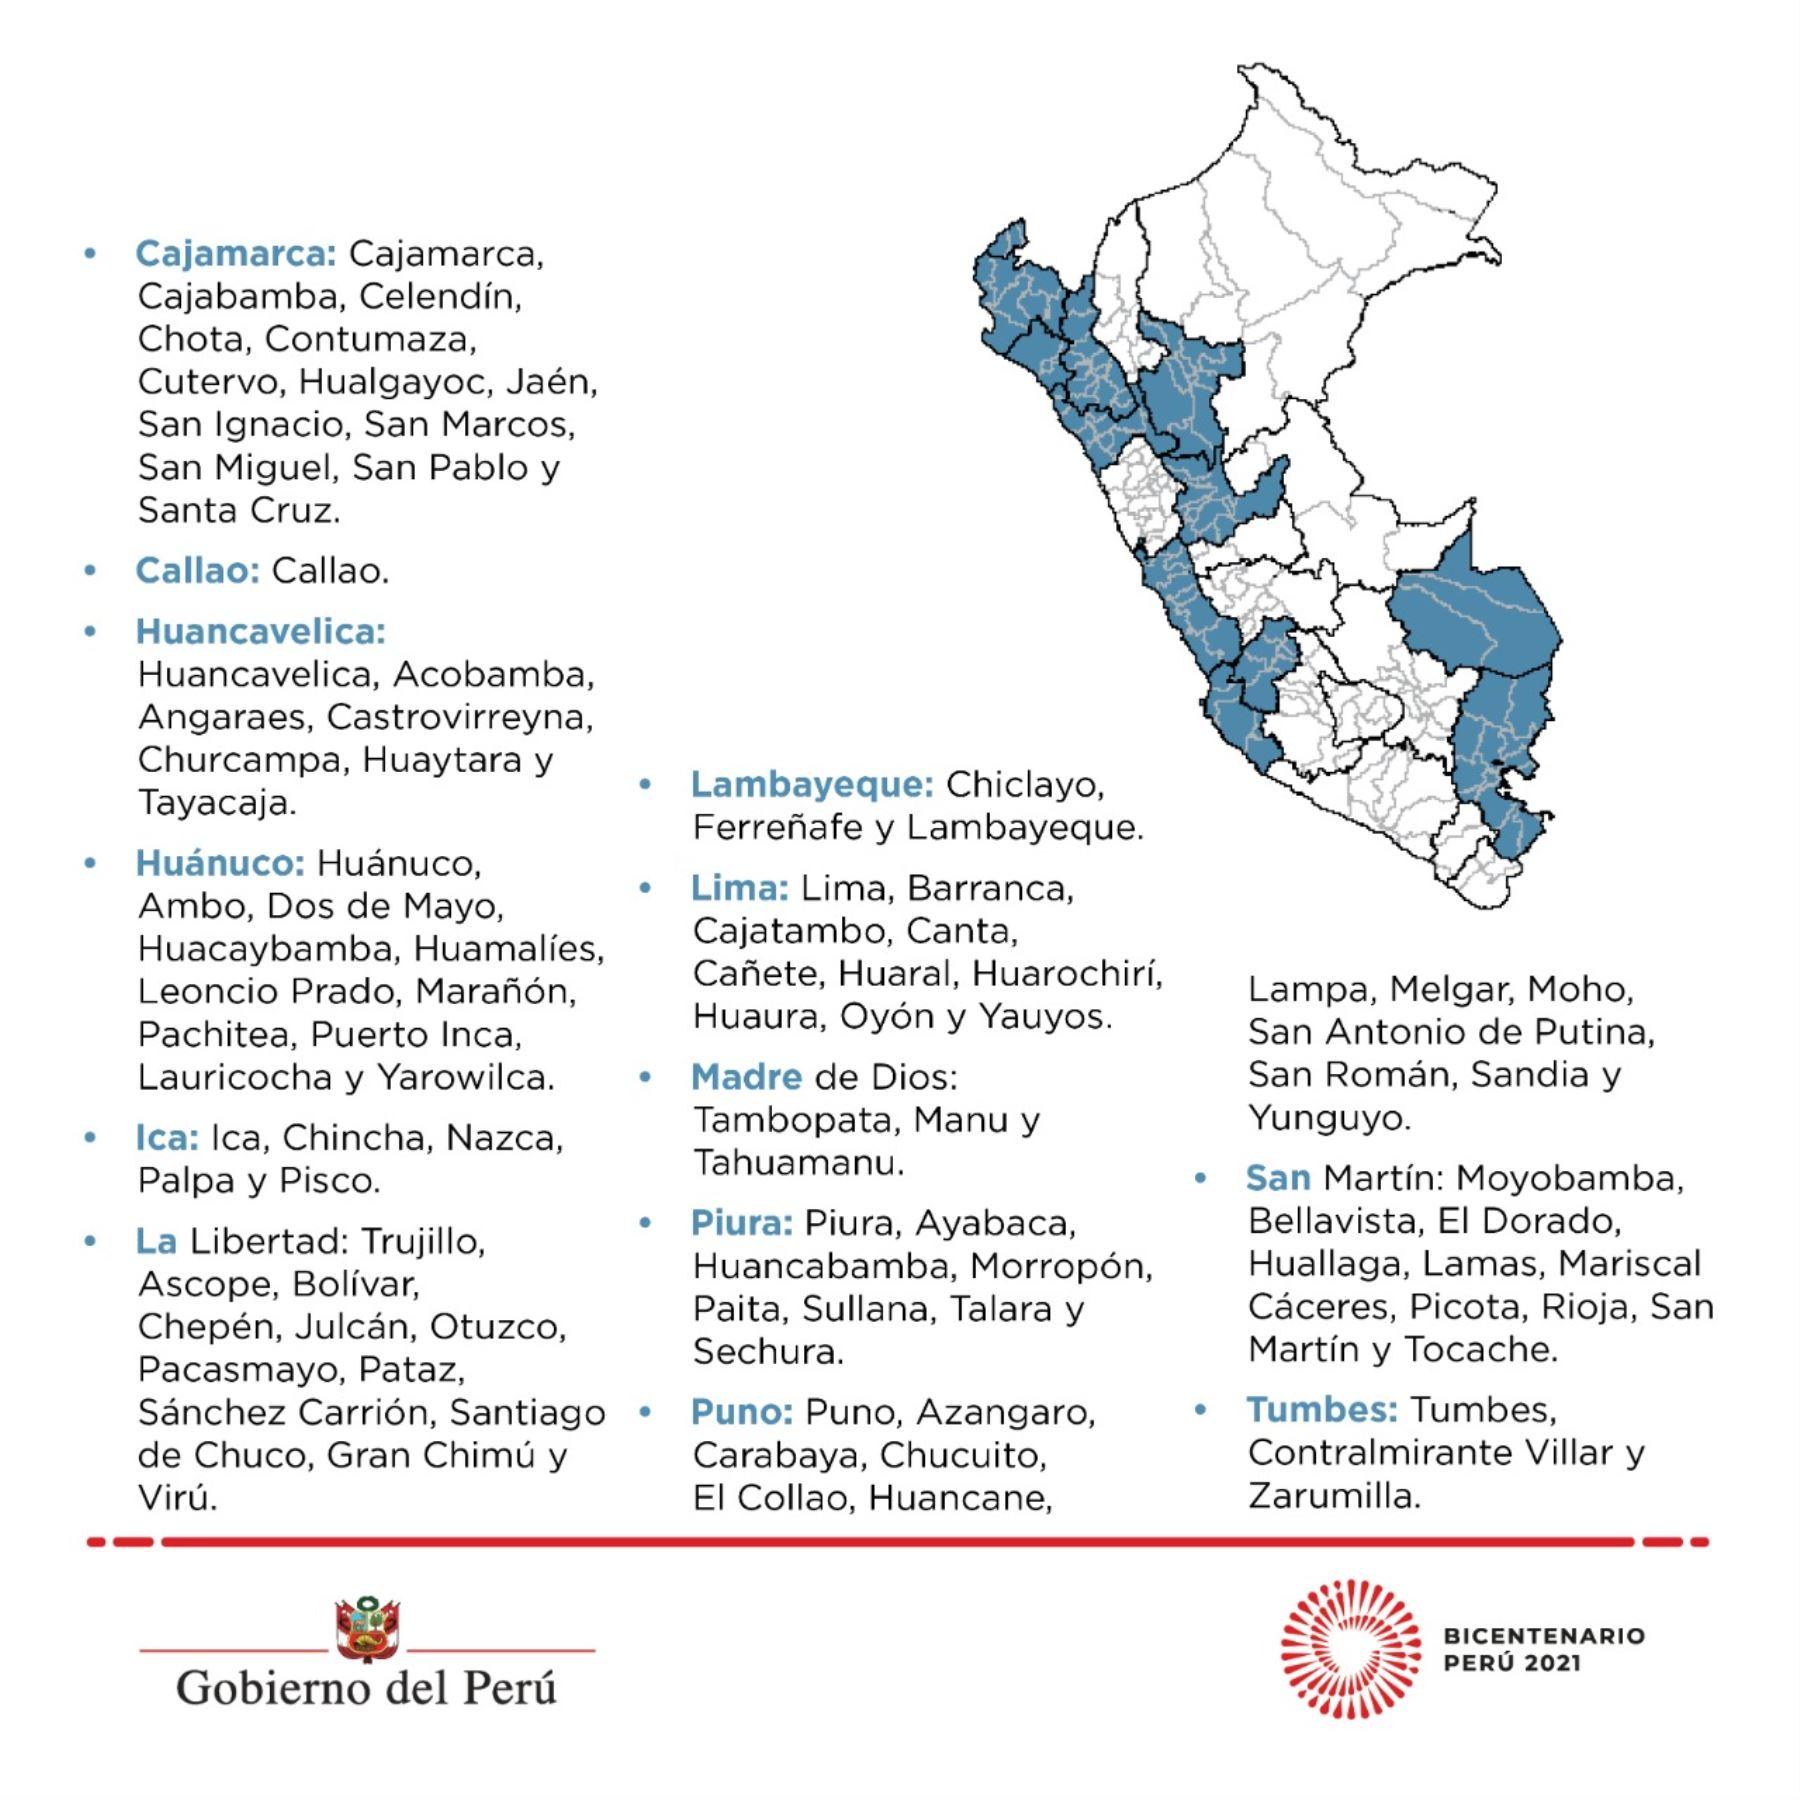 Lima Y Callao Toque De Queda Se Inicia A Las 11 P M Desde Este Lunes 21 Noticias Agencia Peruana De Noticias Andina